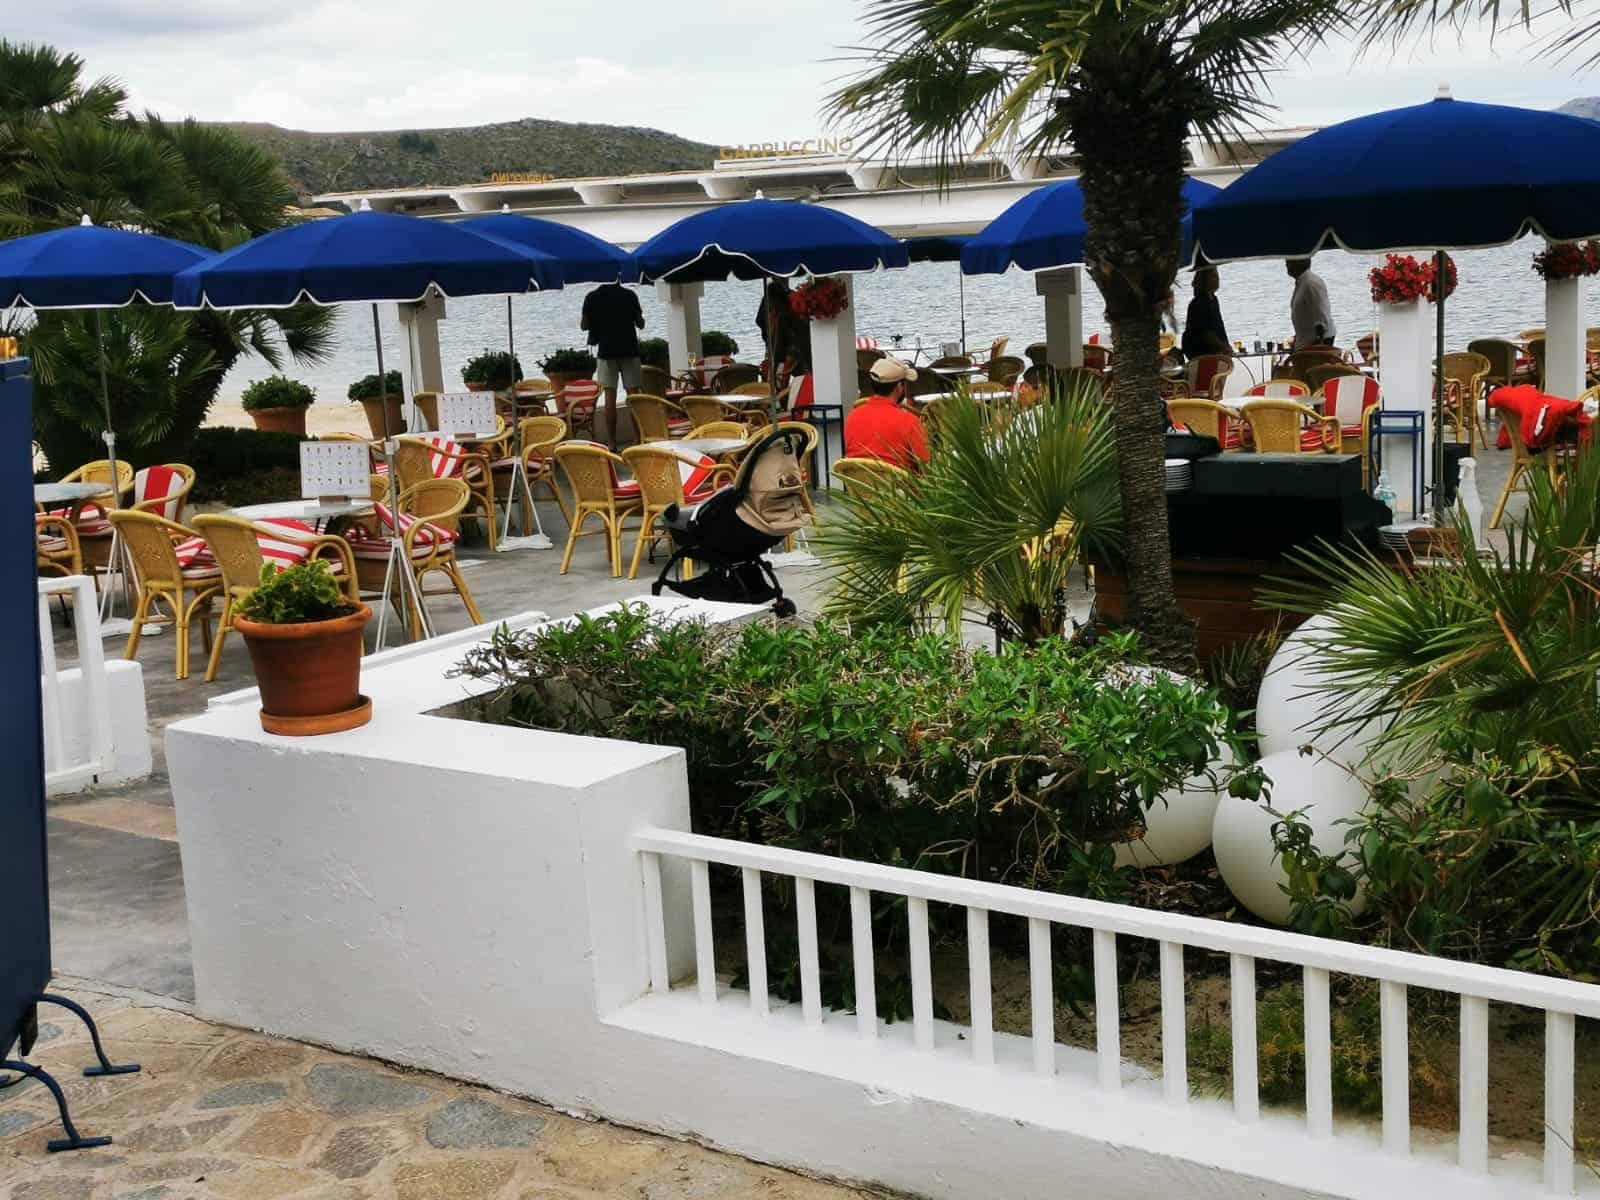 Port de Pollenca Cafe Cappuccino